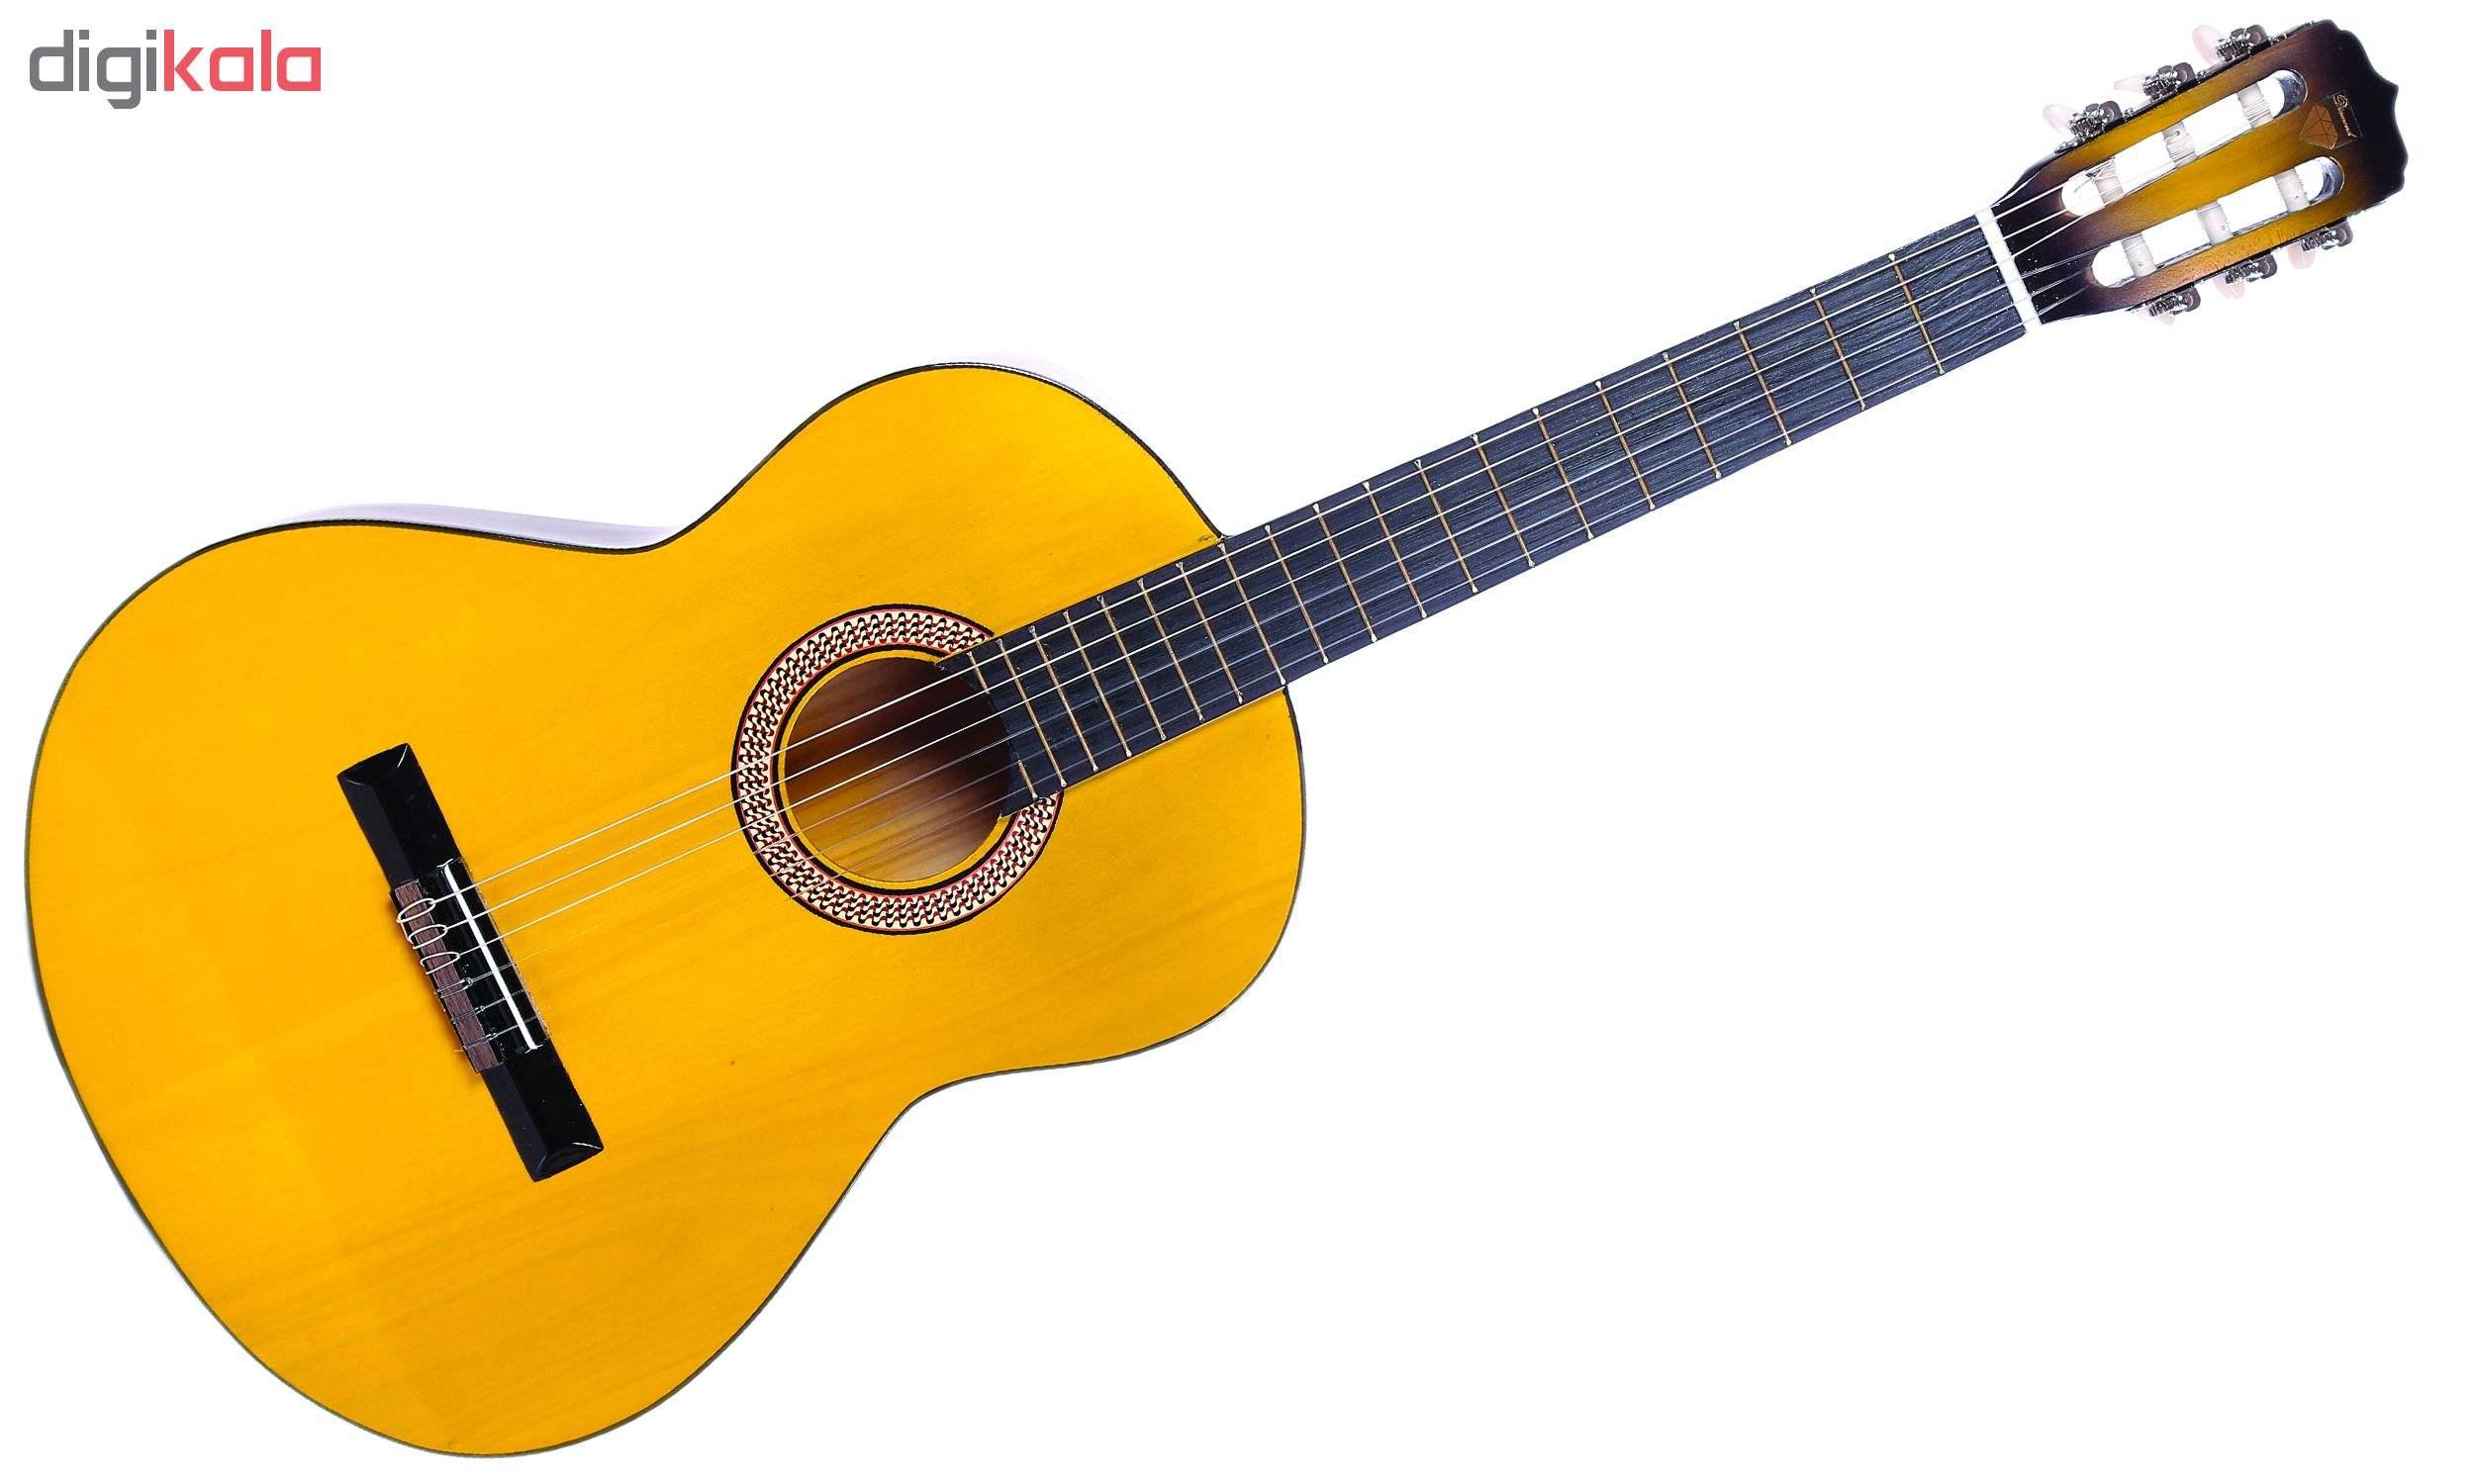 گیتار دایموند مدل TS600 main 1 3